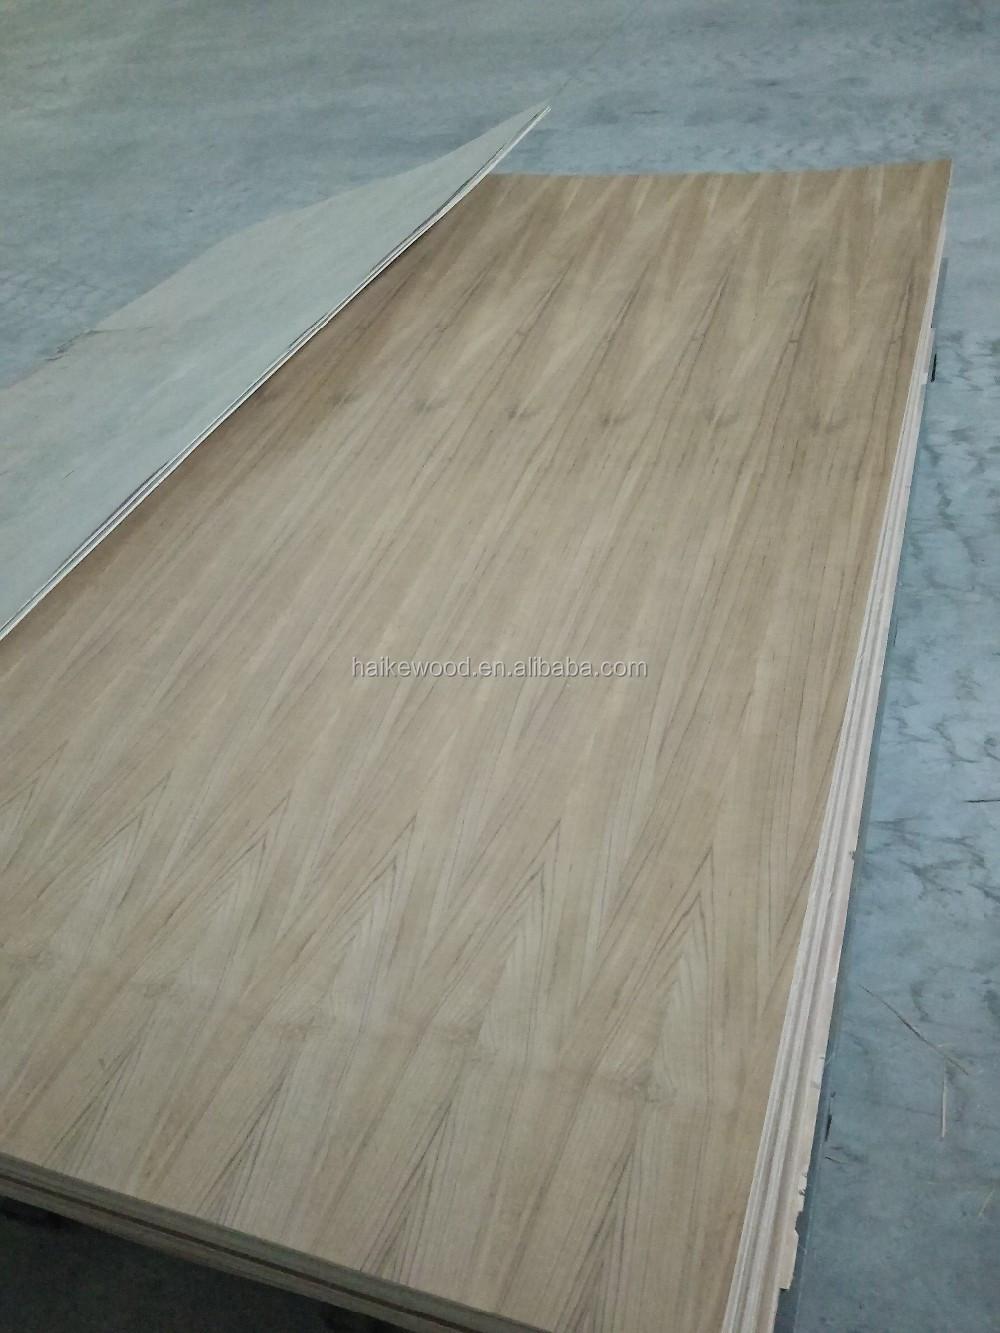 Plastic Veneer Plywood ~ Mm natural walnut veneer faced plywood buy